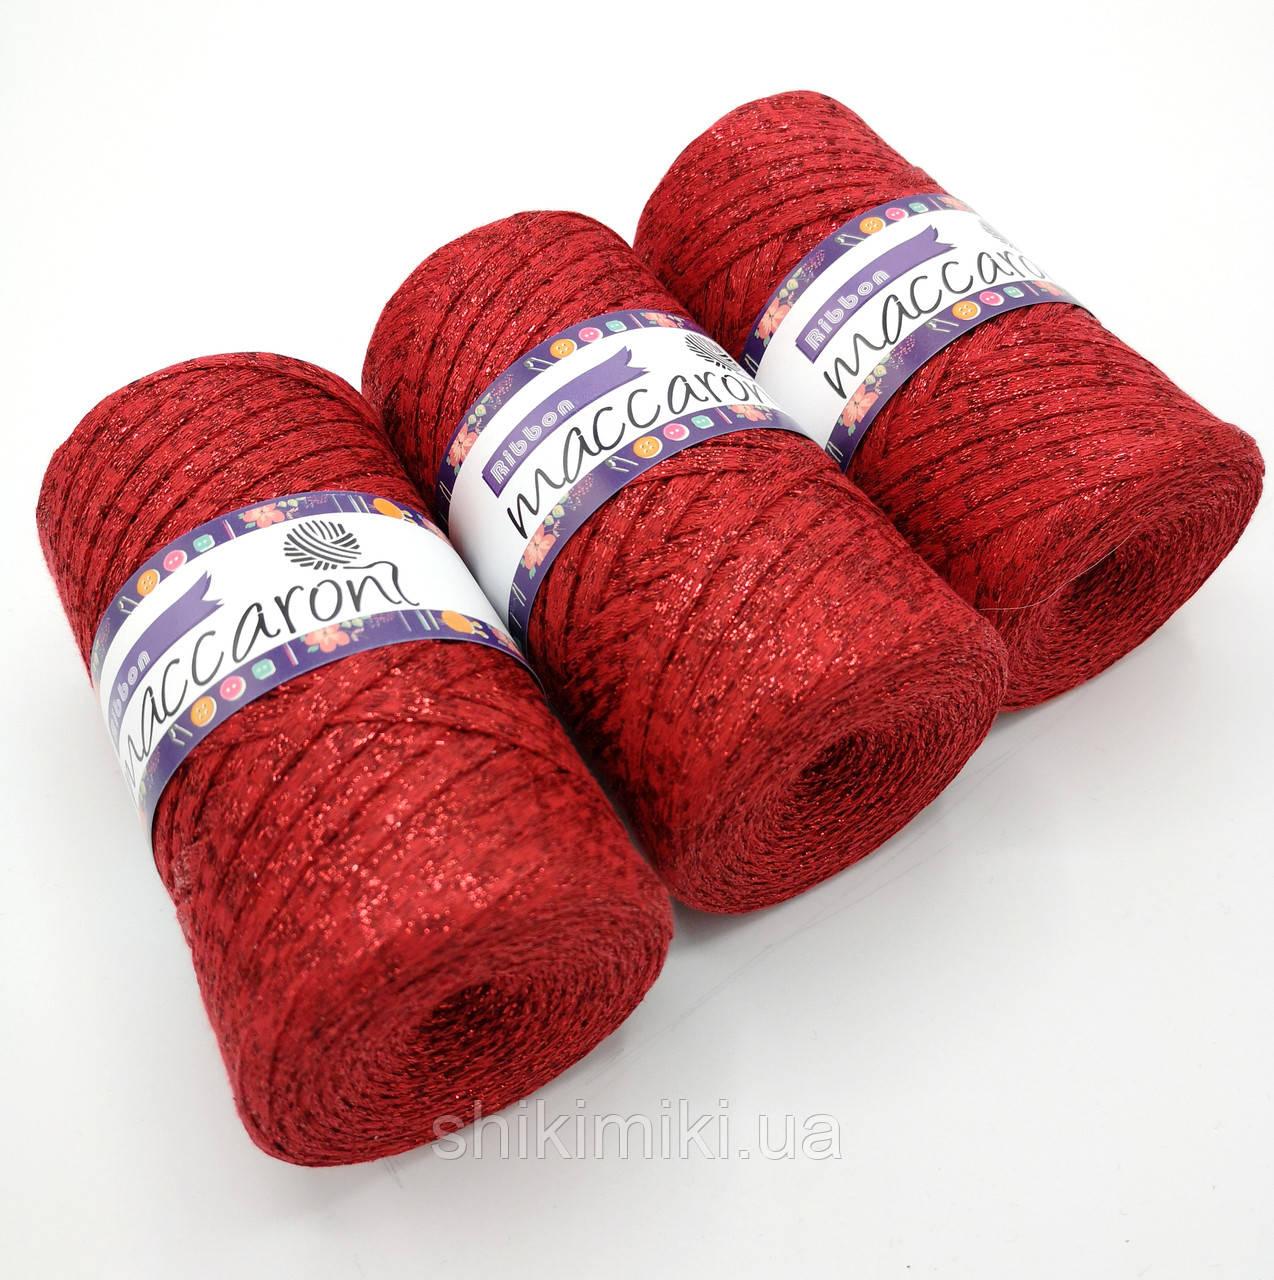 Трикотажный плоский шнур Ribbon Glitter, цвет Красная звезда